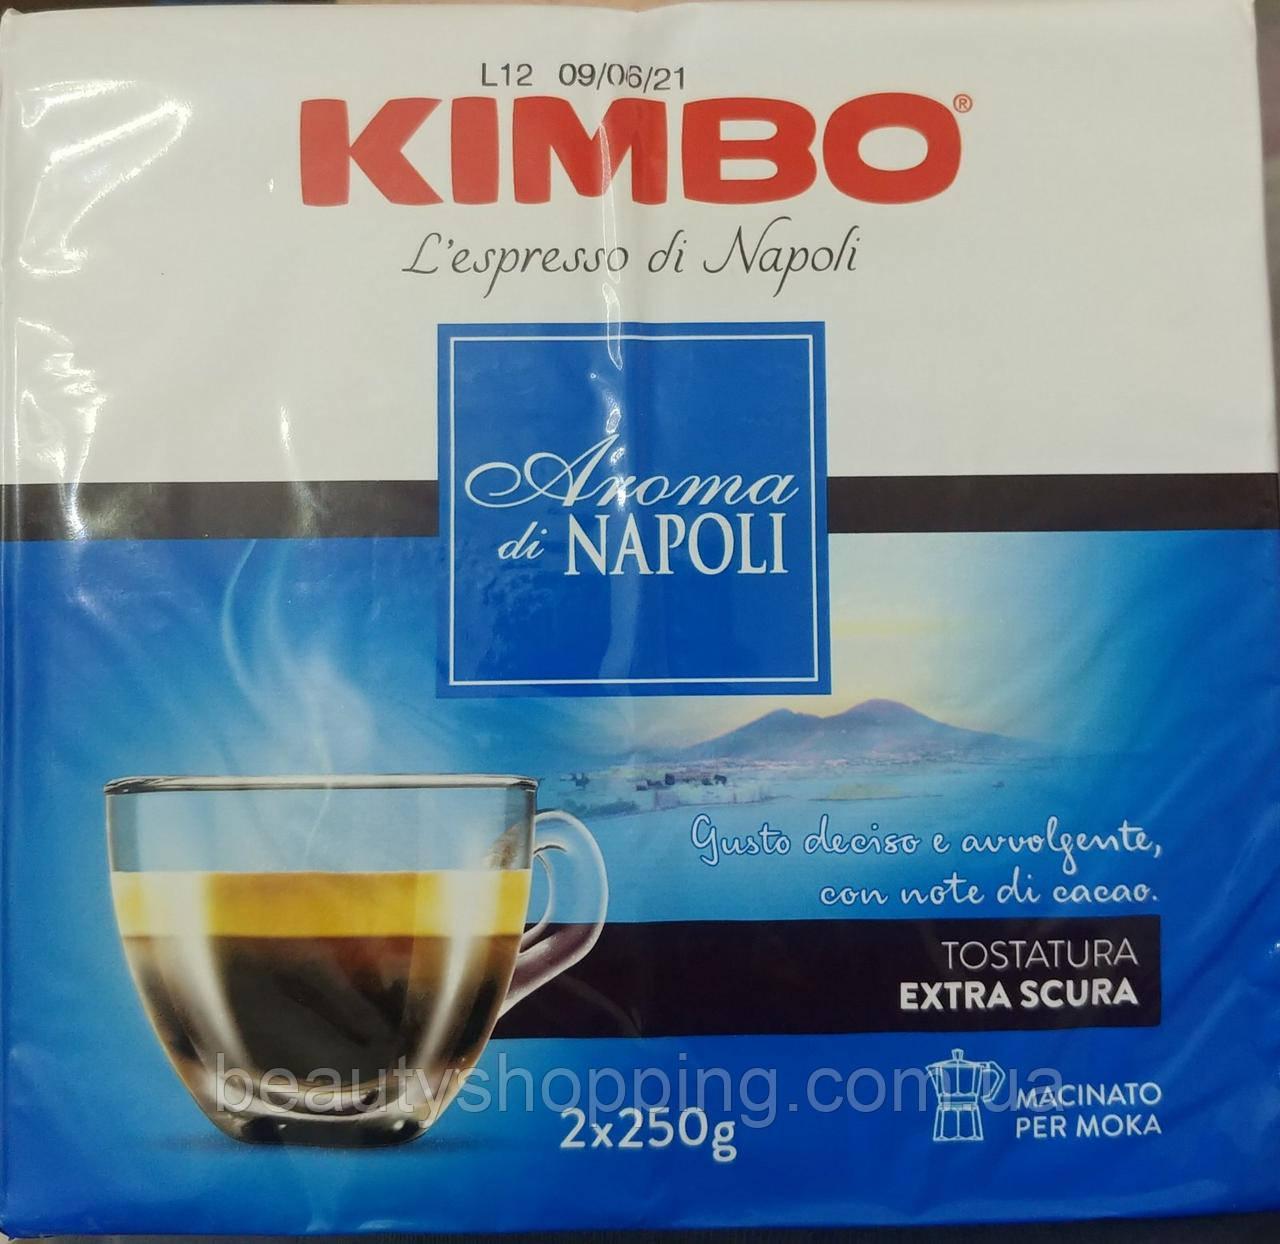 Kimbo Aroma di Napoli кофе молотый 250g